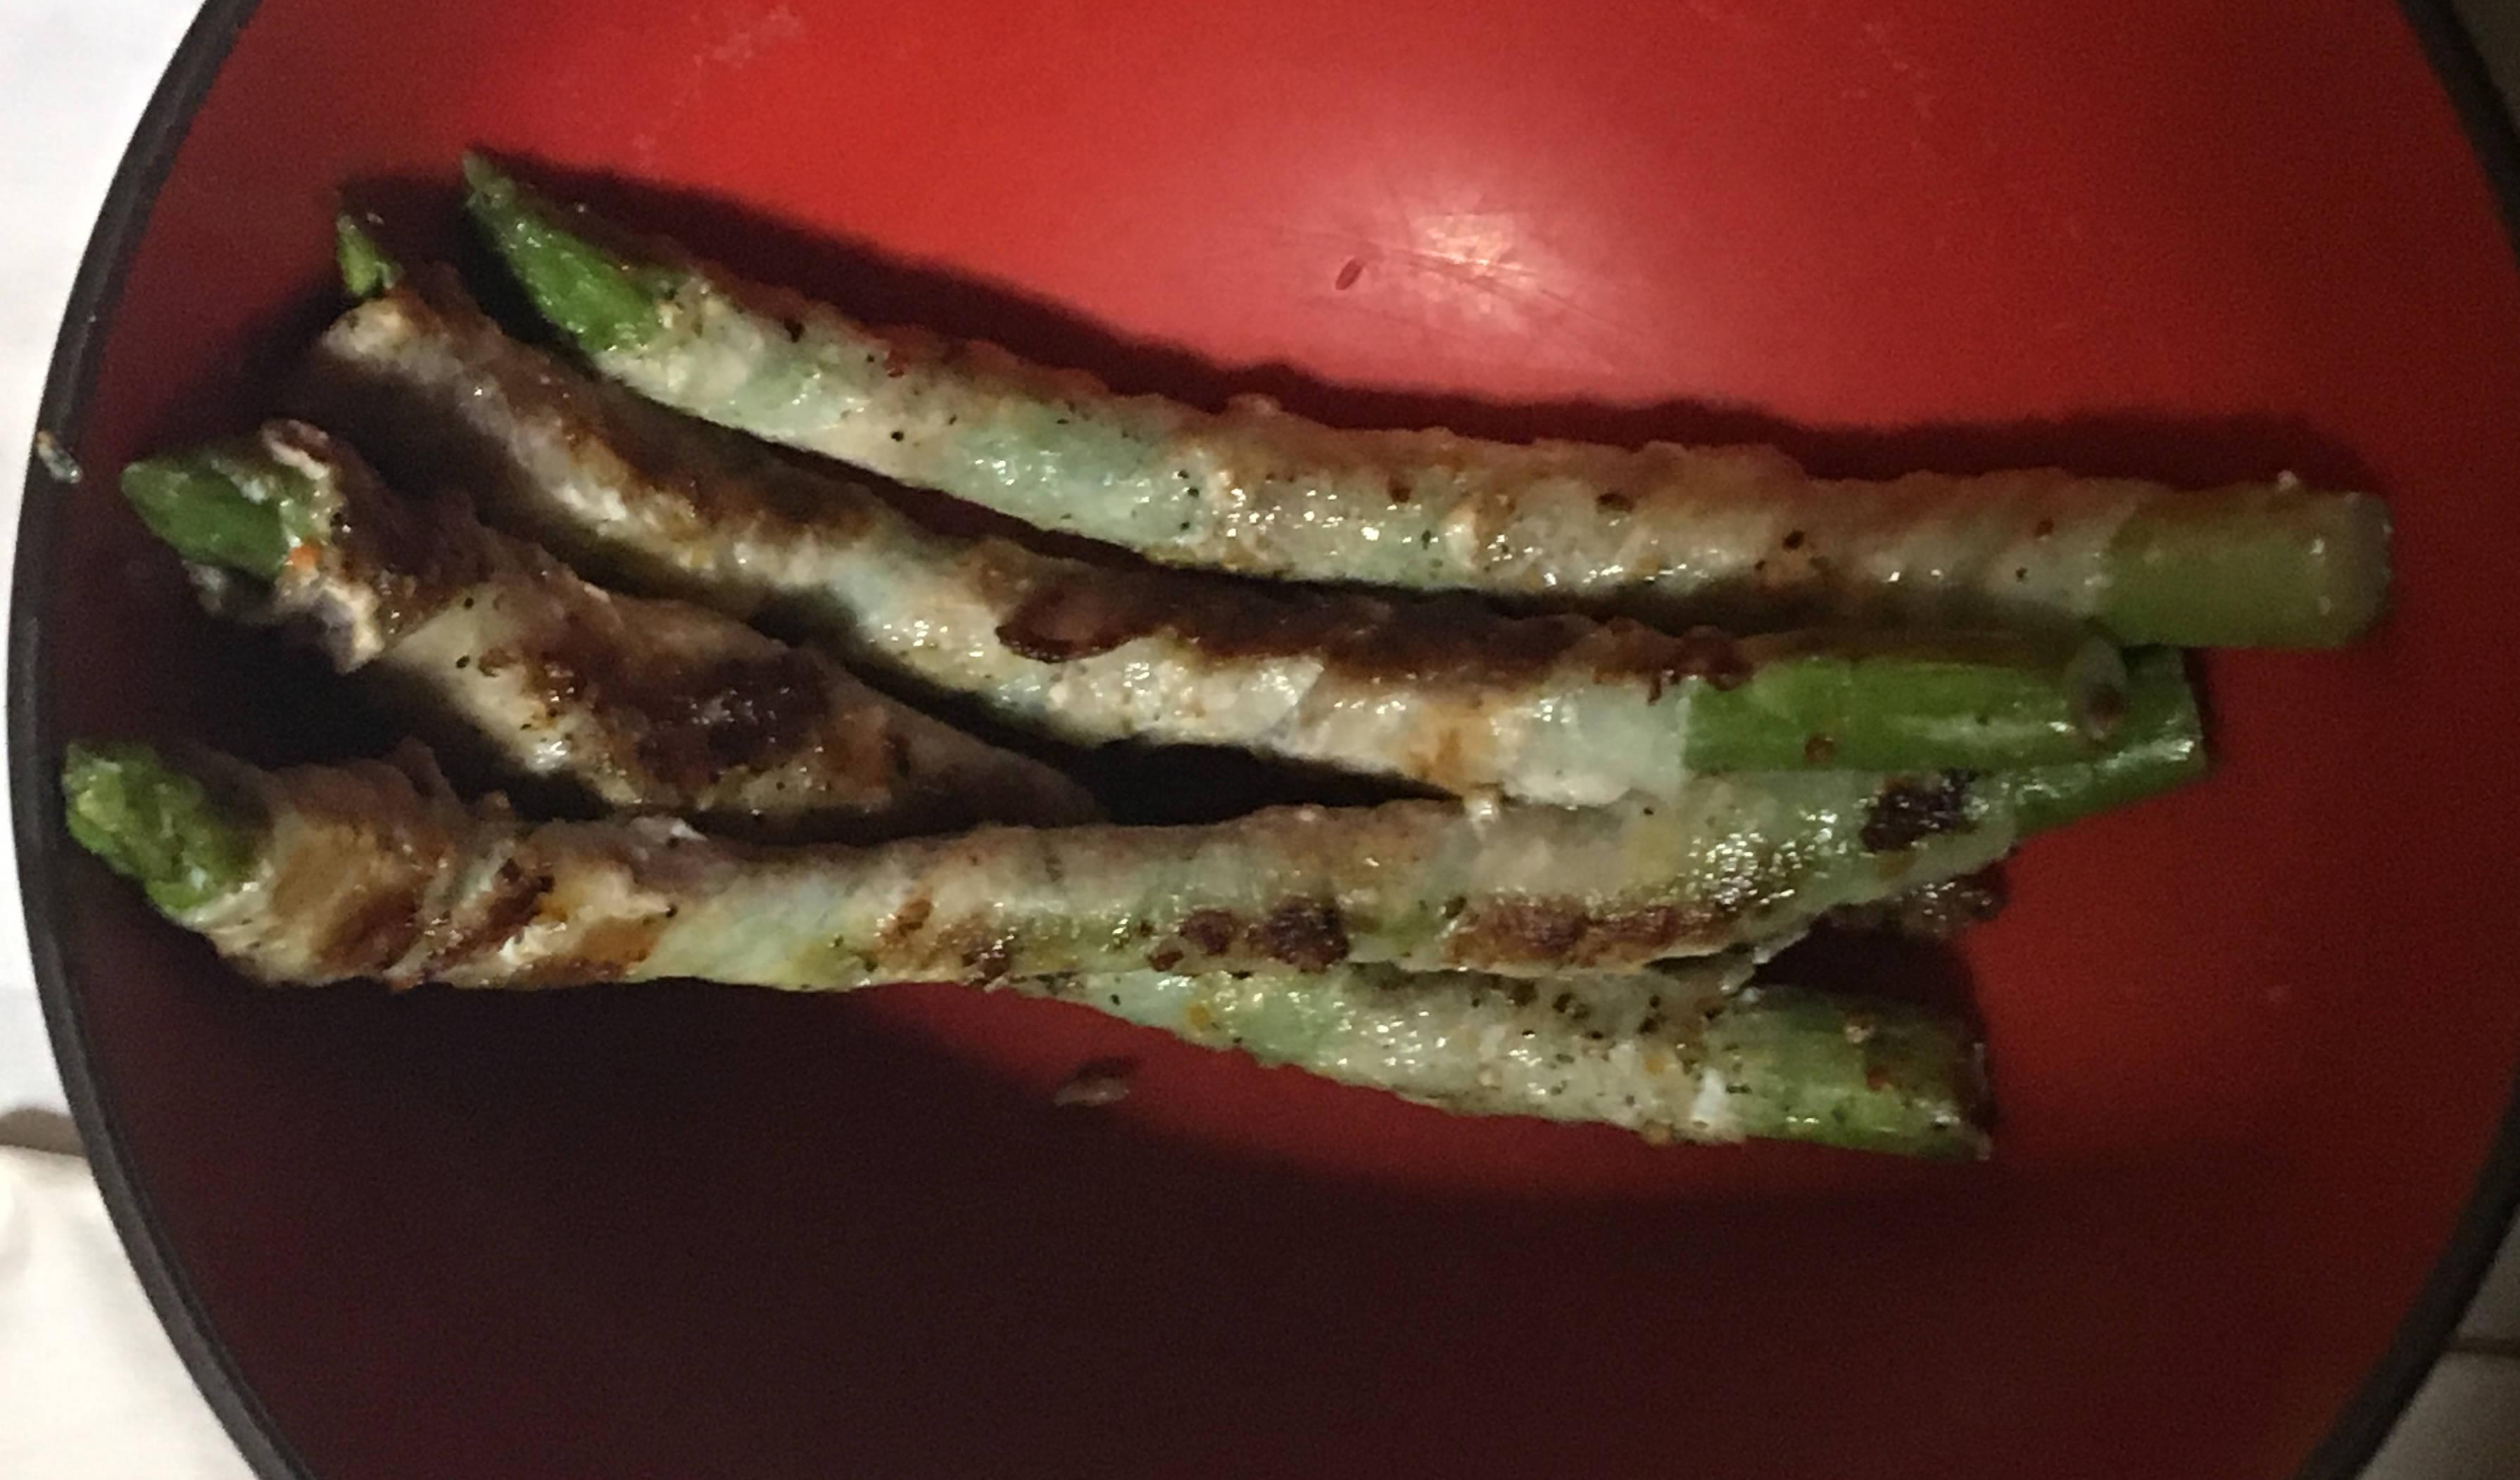 フライパンで加熱したもの:アスパラの豚巻(味付き)|まいばすけっと